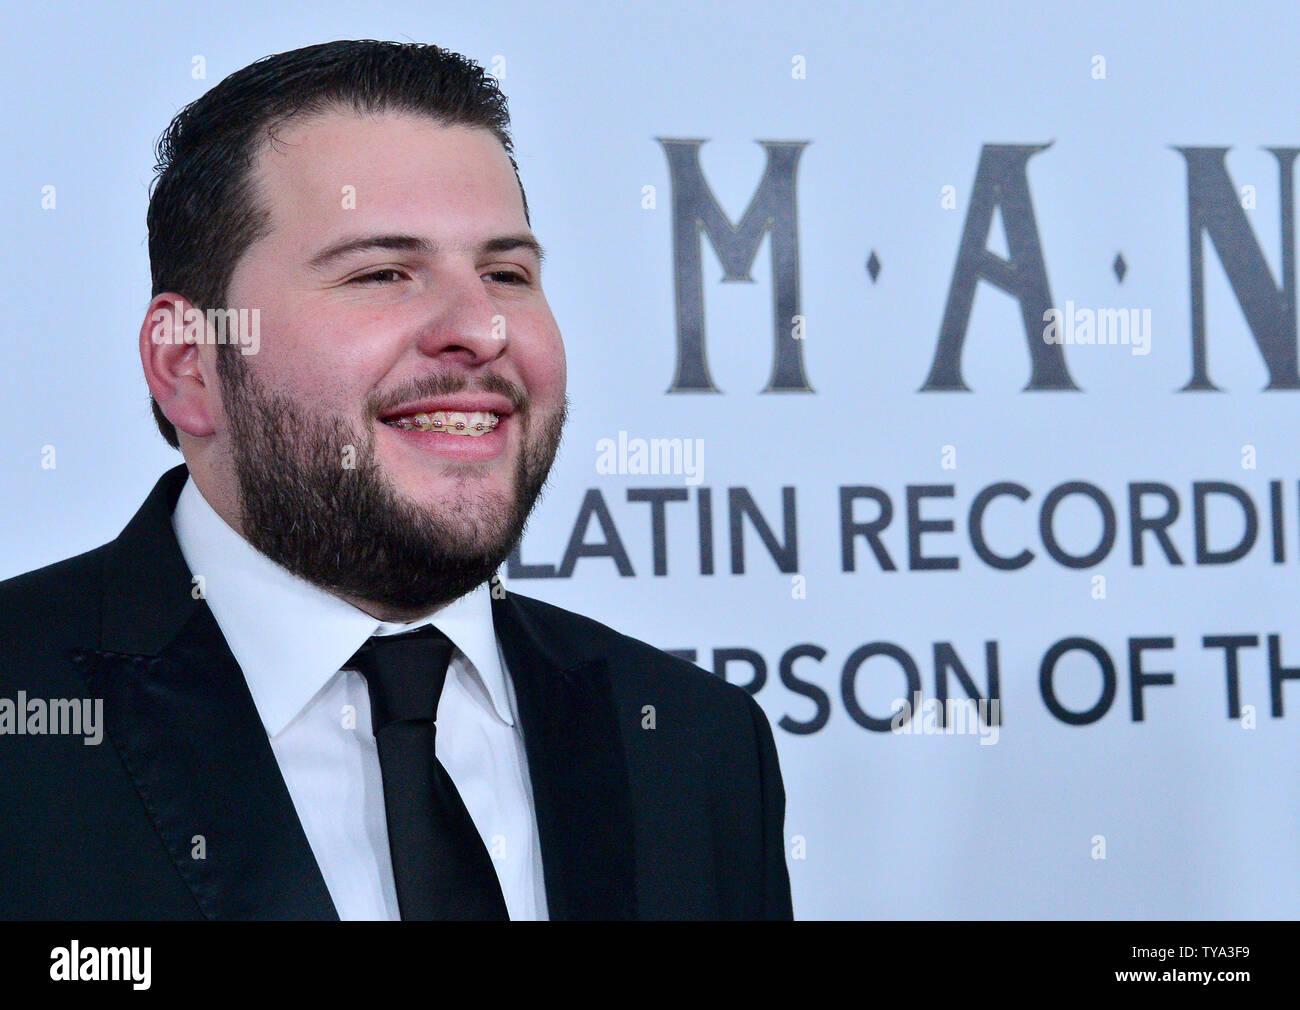 El Fantasma arriva al Grammy Latino persona dell'anno di gala per onorare Mexican rock band Mana al Mandalay Bay Convention Center di Las Vegas, Nevada, il 14 novembre 2018. Foto di Jim Ruymen/UPI Immagini Stock